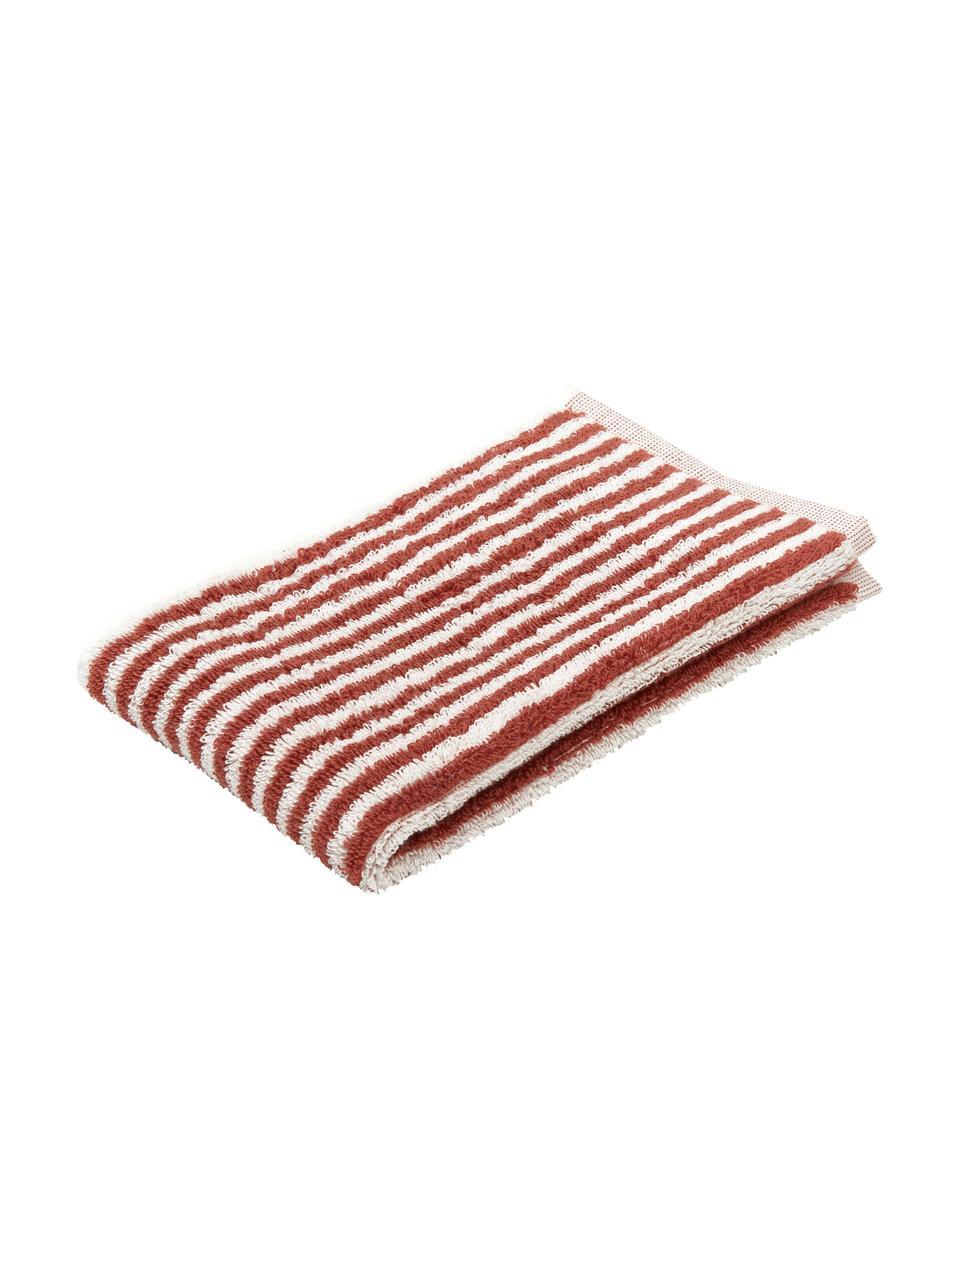 Ręcznik Viola, Terakota, kremowobiały, Ręcznik dla gości